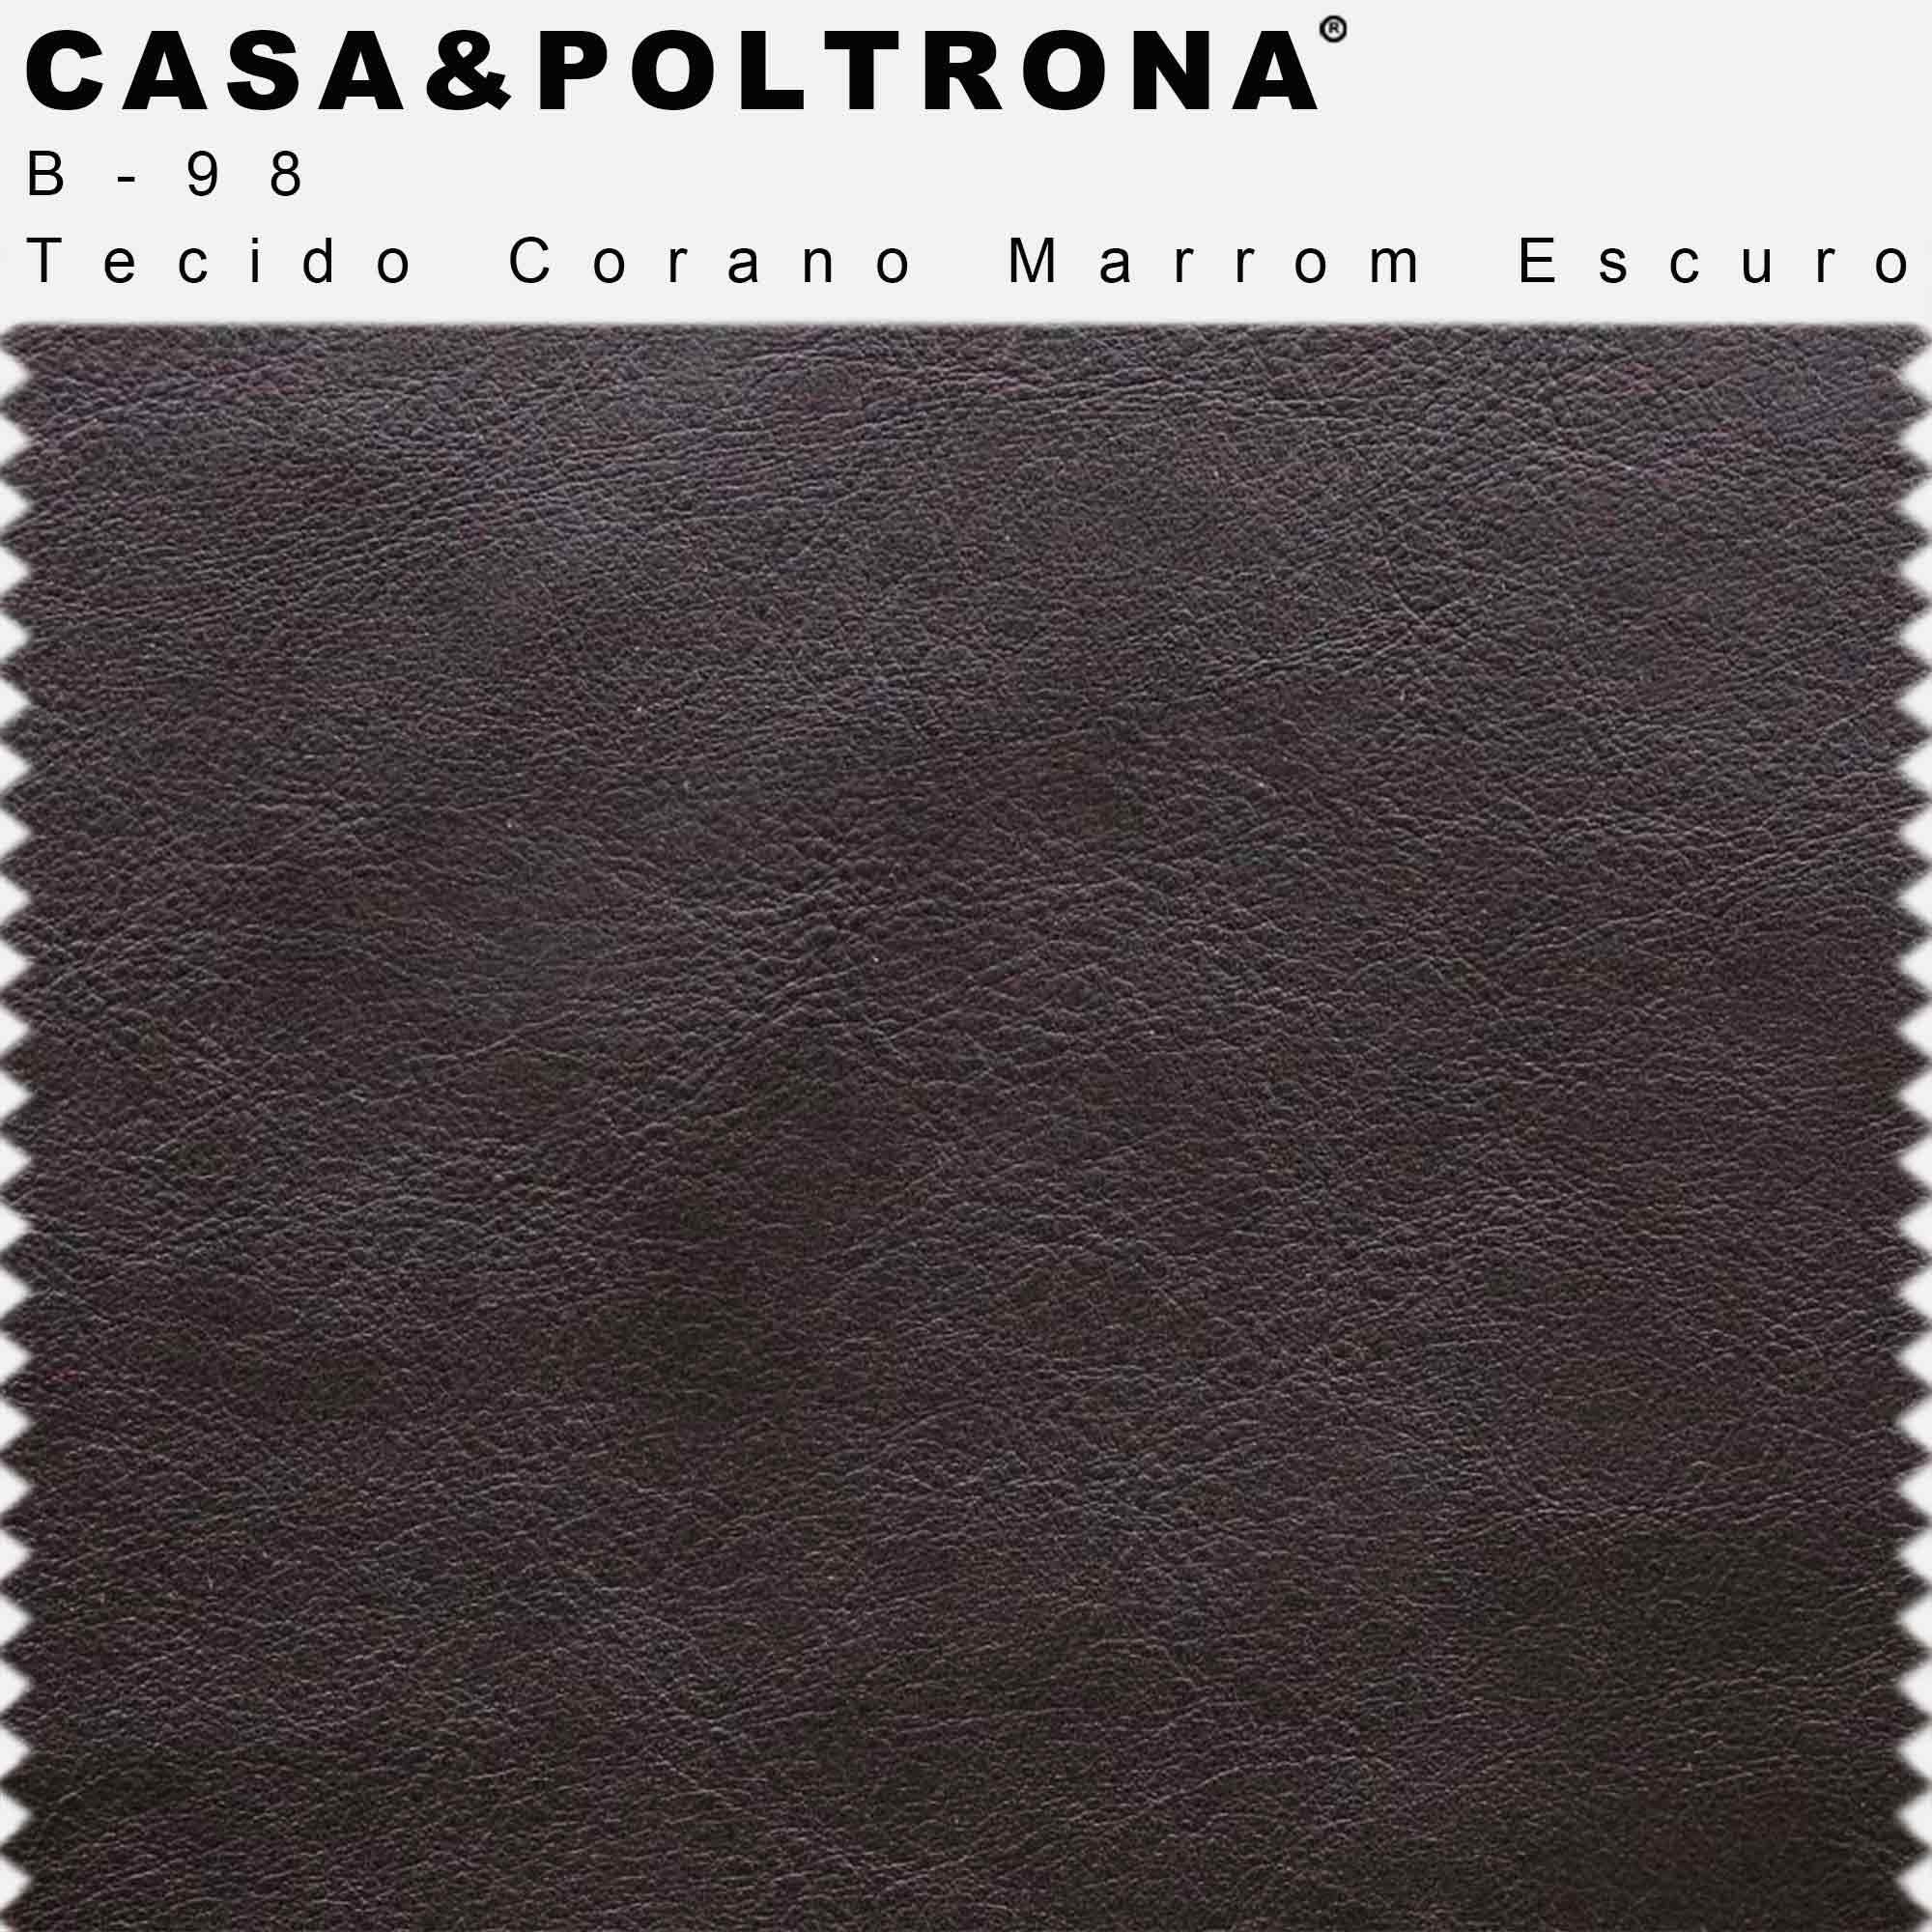 Puff Decorativo Status Base Preto Fosco Corano Marrom Escuro - CasaePoltrona